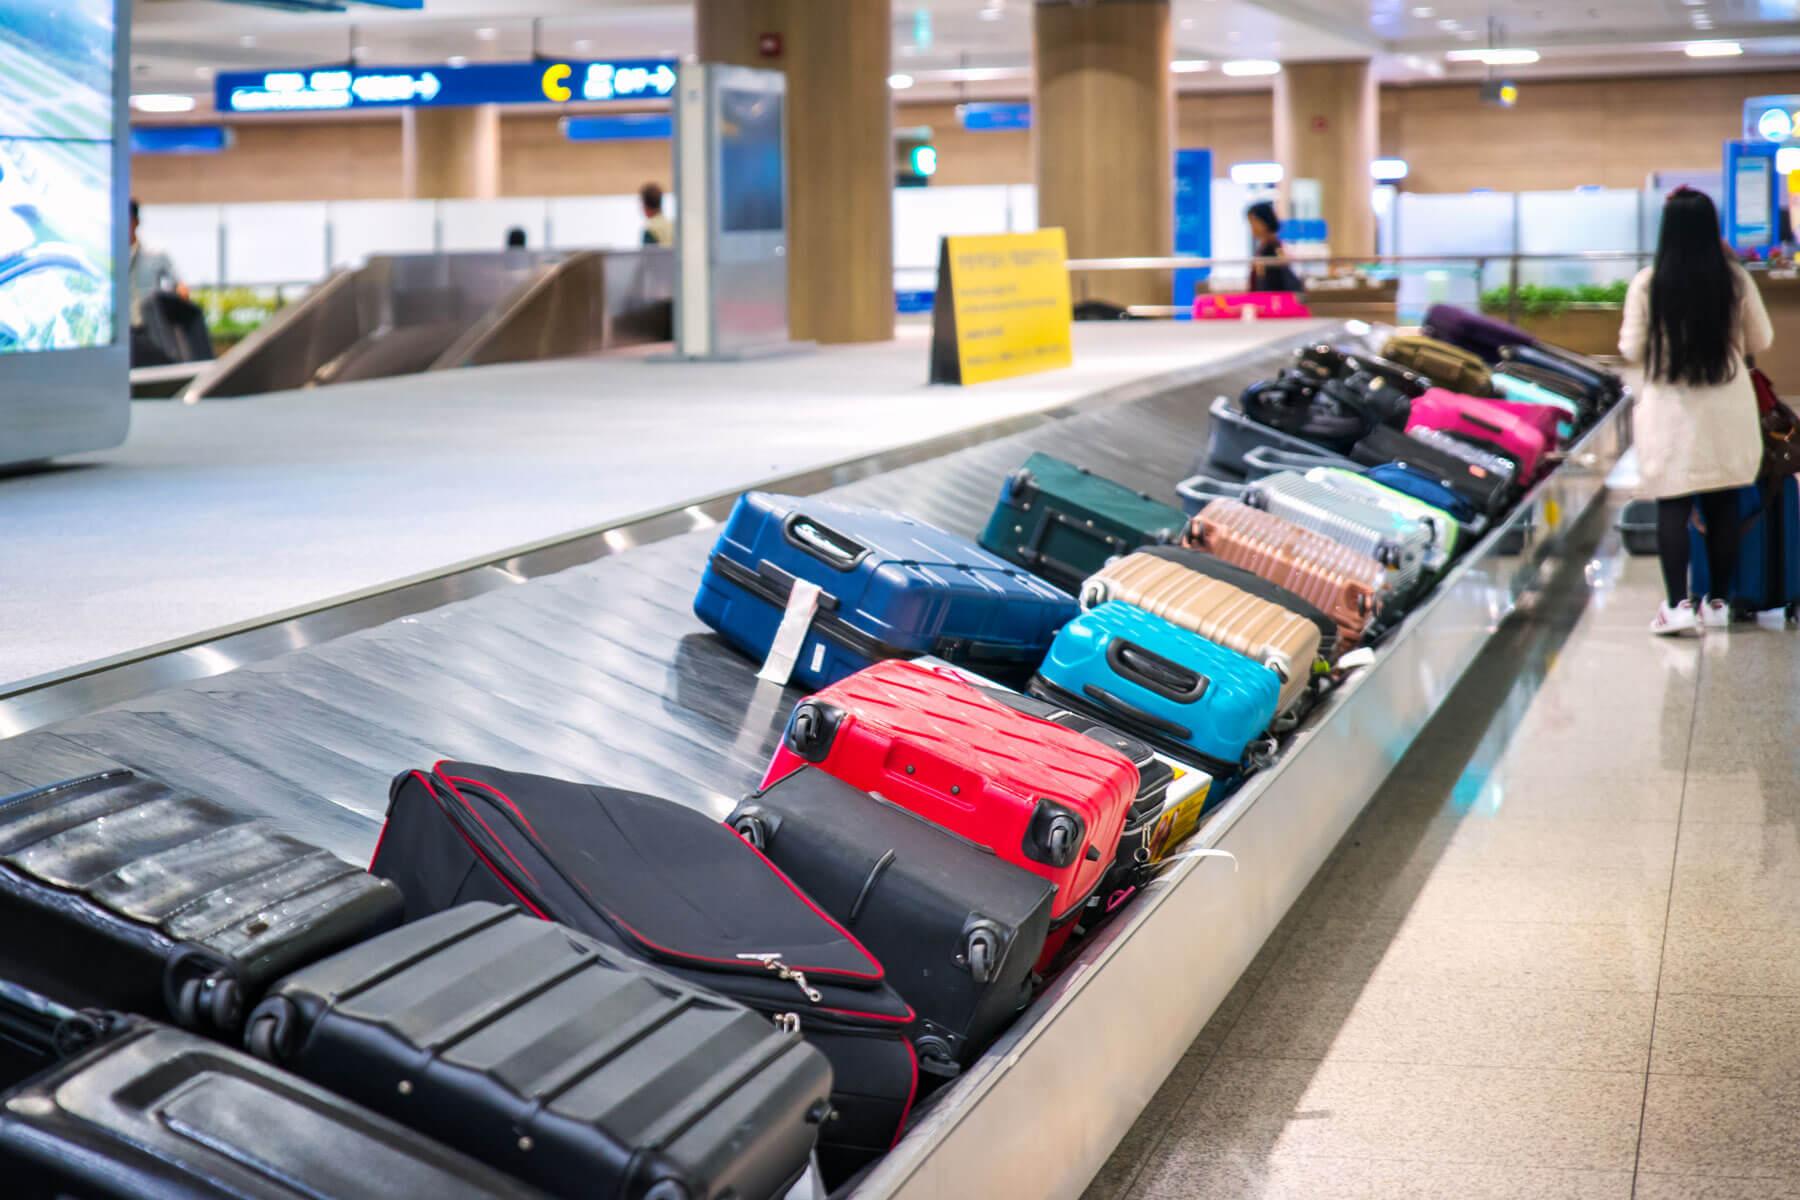 Провоз чужой покупки в своём багаже